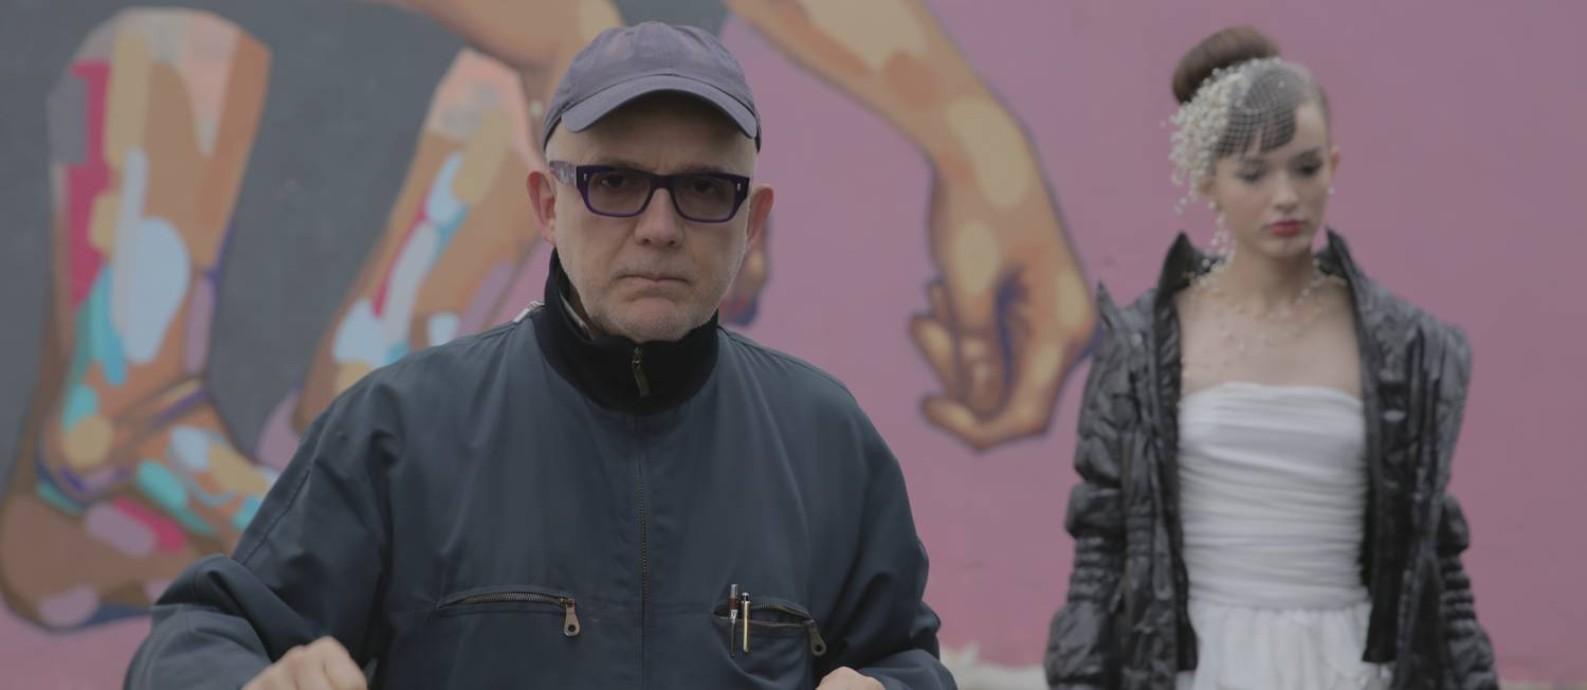 Bruno Barreto durante as gravações de 'Toda forma de amor', com a atriz Gabrielle Joie ao fundo Foto: Filipe Vasconcelos Vianna/Divulgação